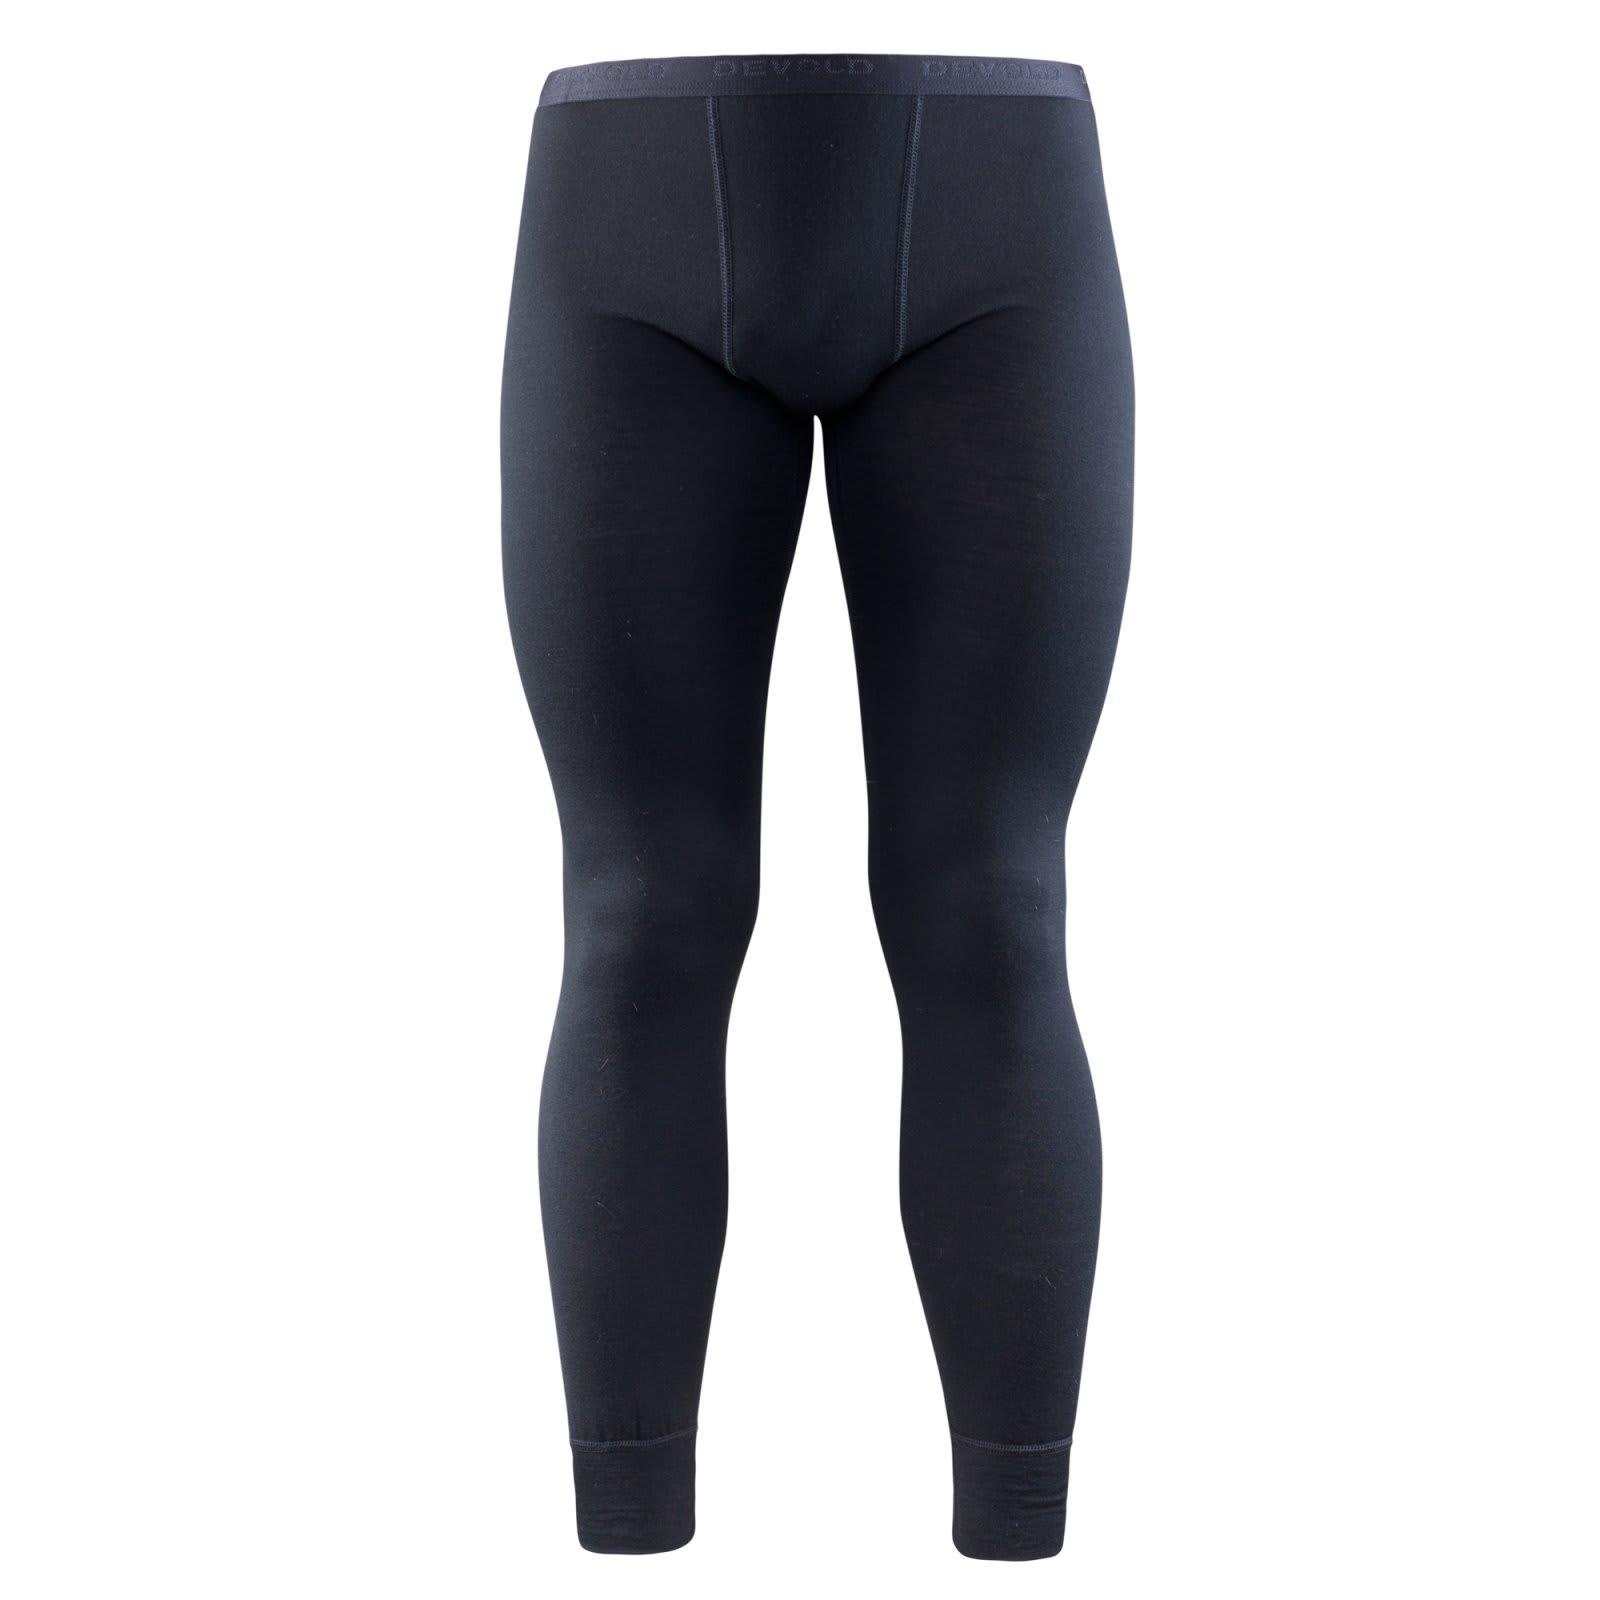 Devold Breeze Long Johns Womens Underwear